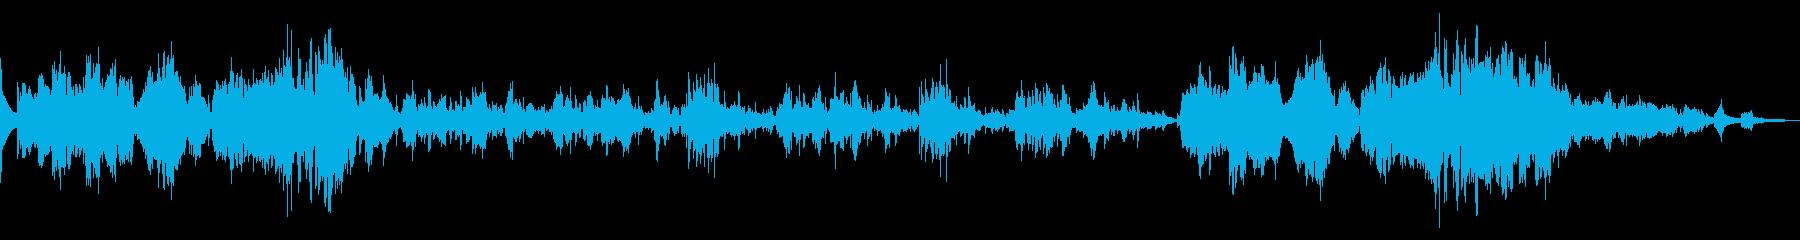 ショパン作曲 幻想即興曲の再生済みの波形